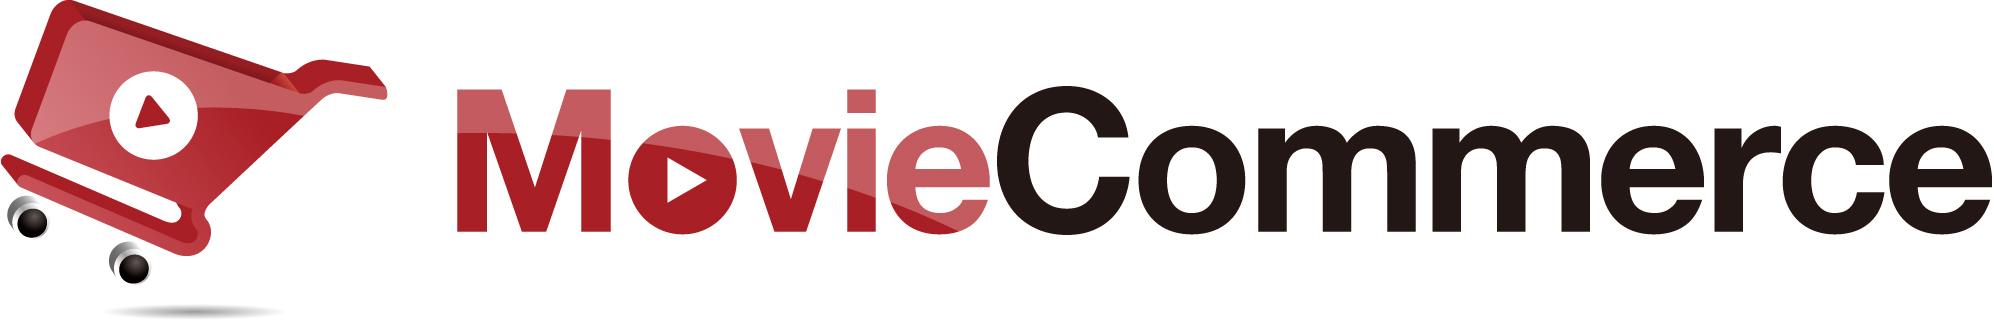 - 筑波大学発ベンチャーが動画販売サイト構築支援サービス「Movie Commerce」を提供開始 -